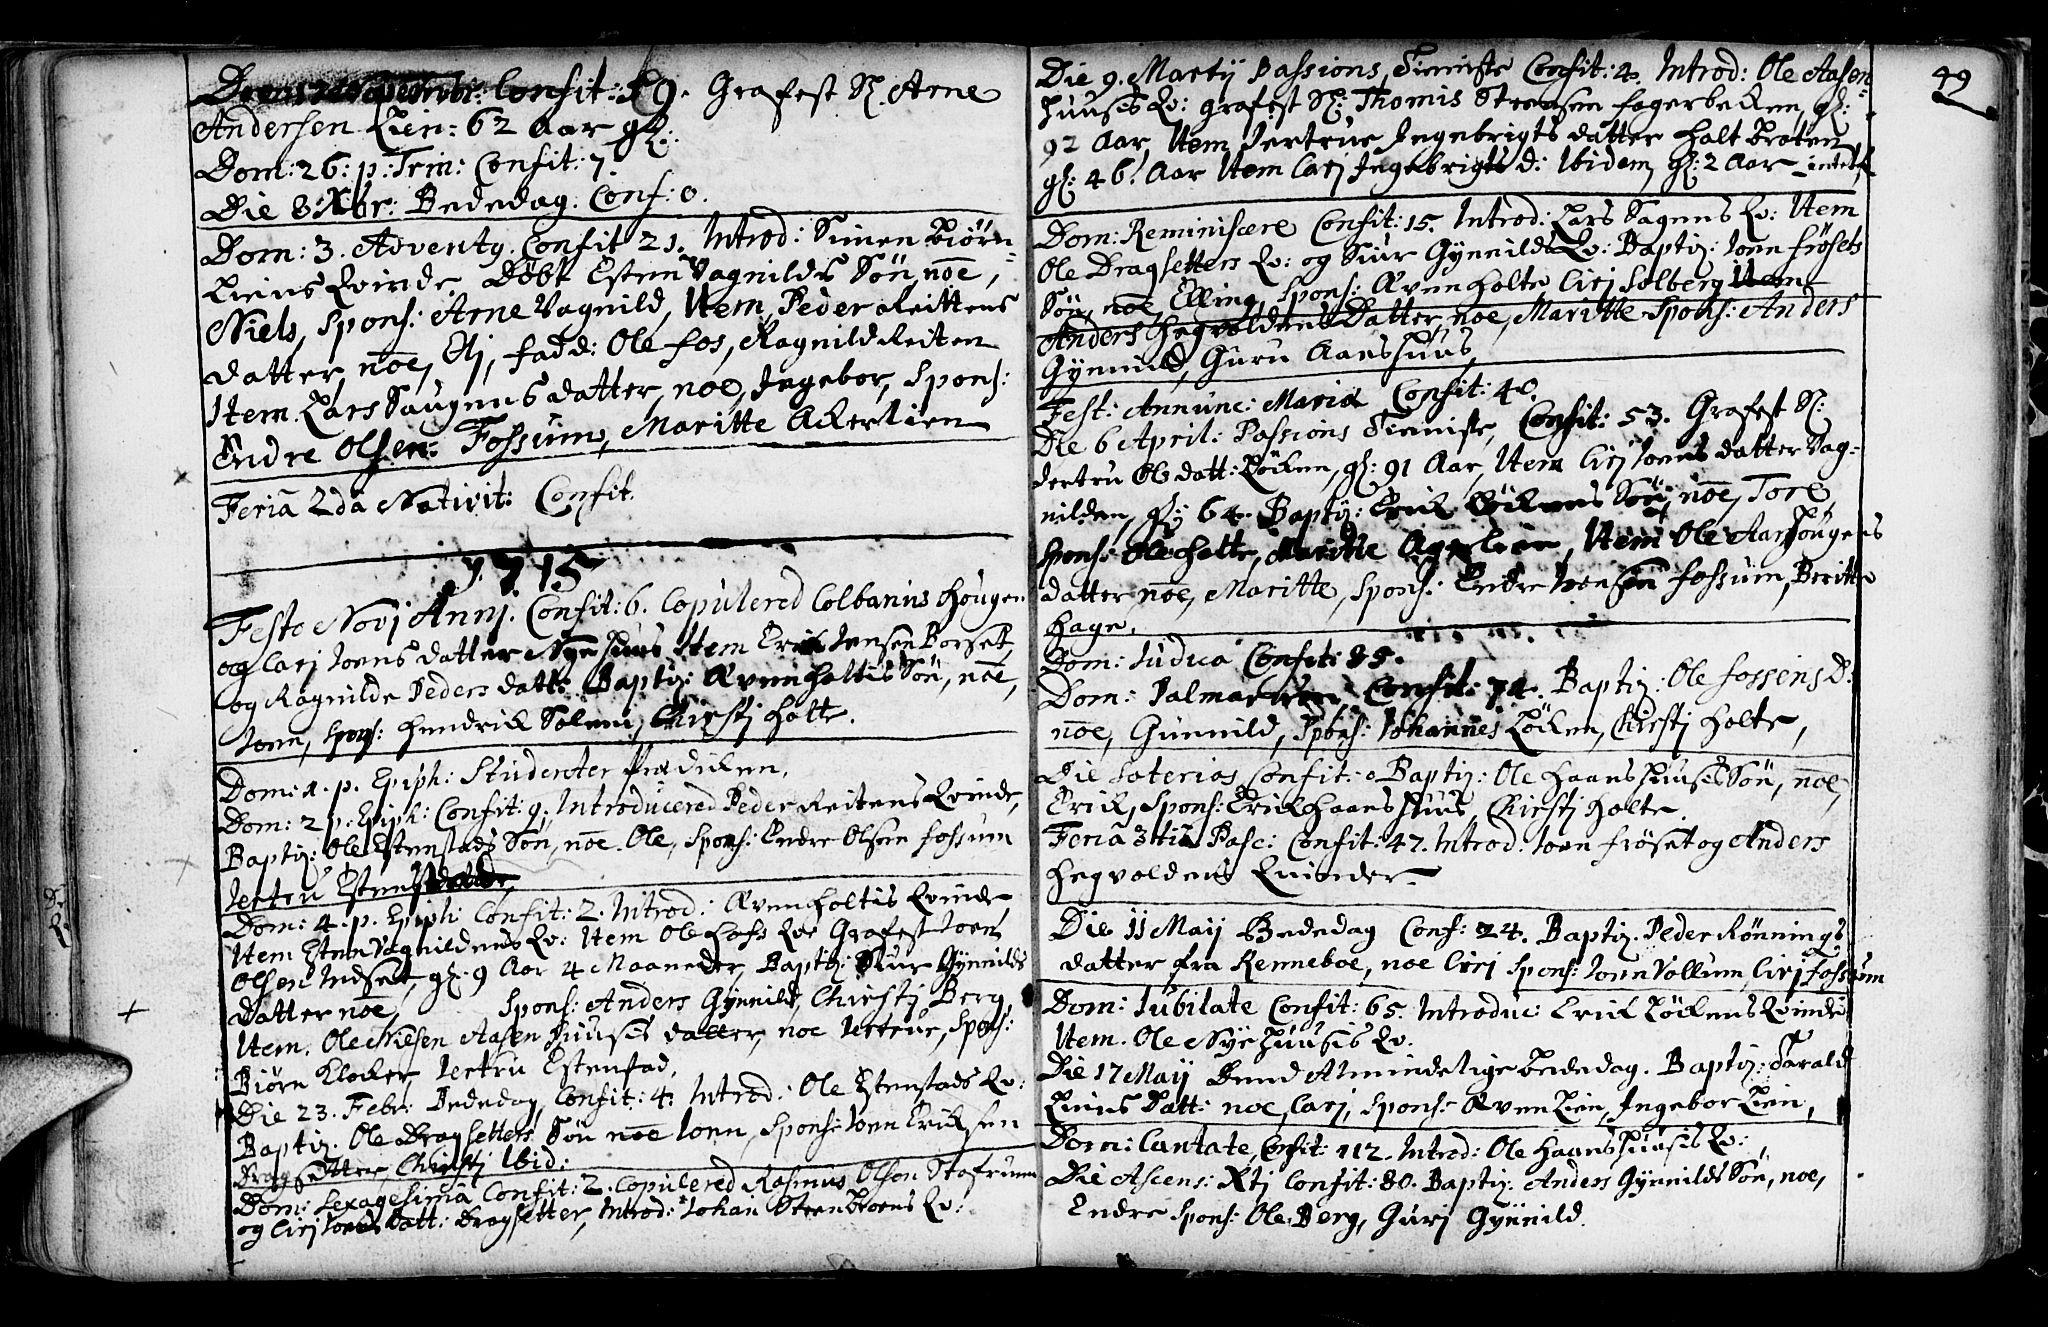 SAT, Ministerialprotokoller, klokkerbøker og fødselsregistre - Sør-Trøndelag, 689/L1036: Ministerialbok nr. 689A01, 1696-1746, s. 49